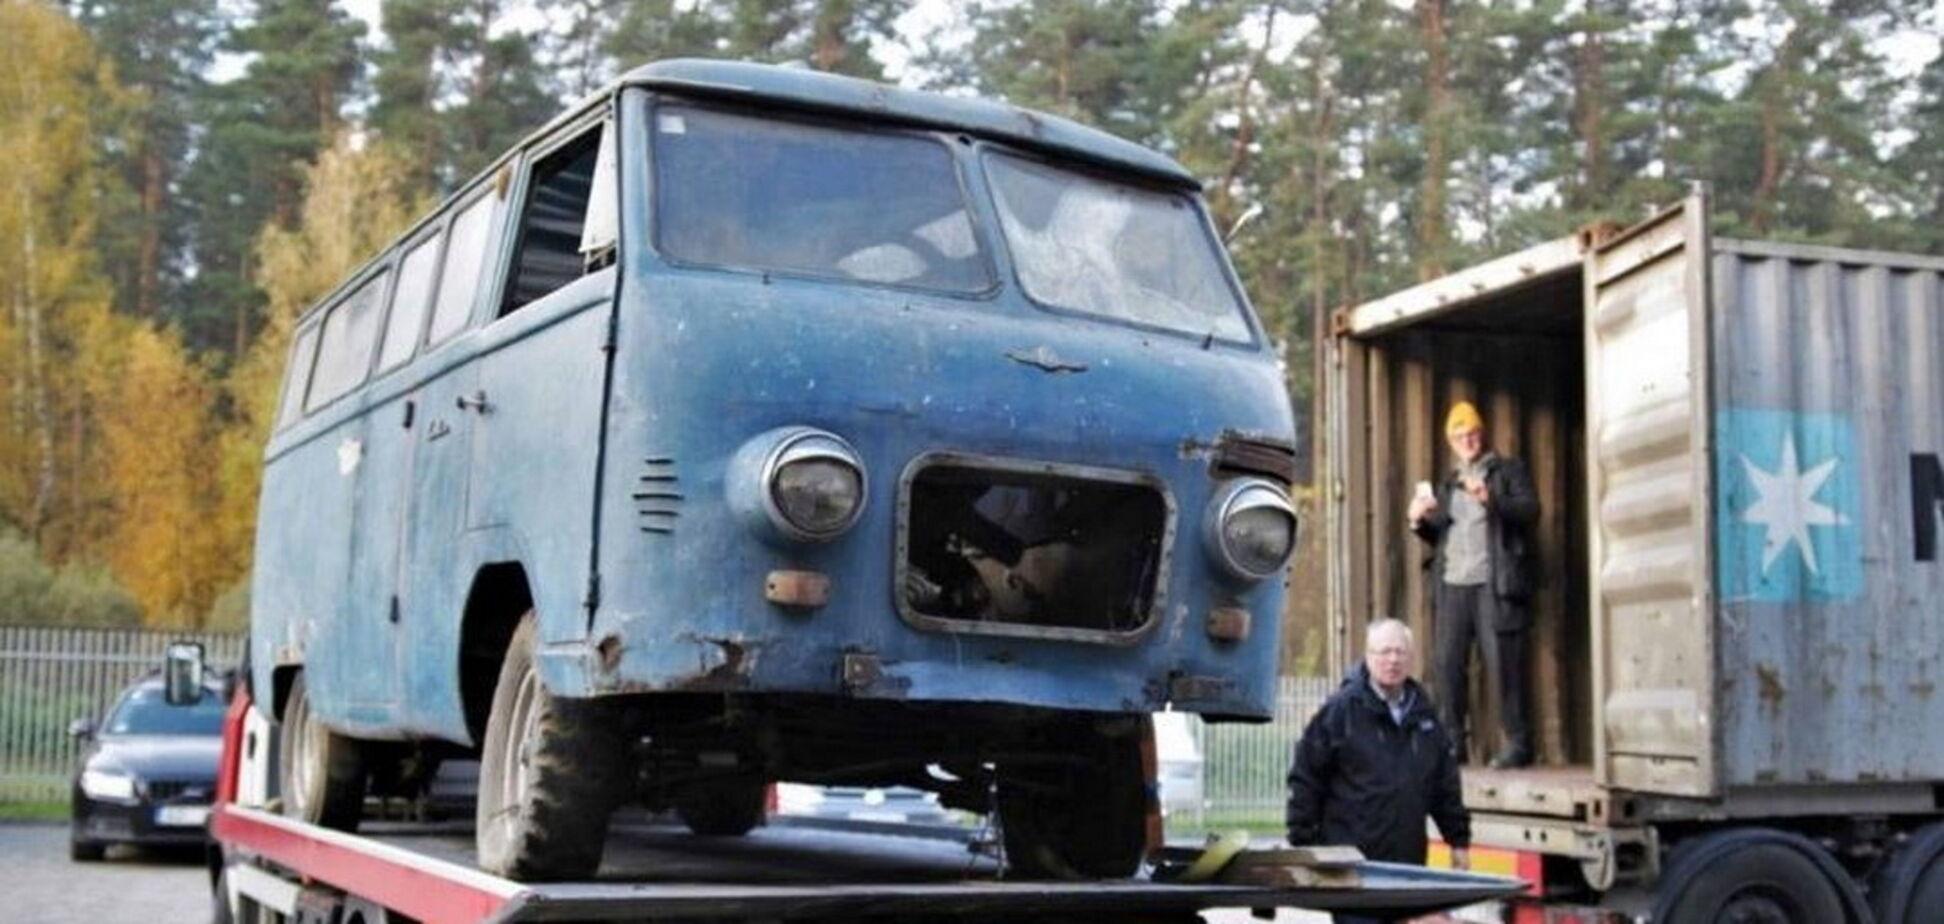 РАФ-977В, що вважався втраченим, повернувся на батьківщину